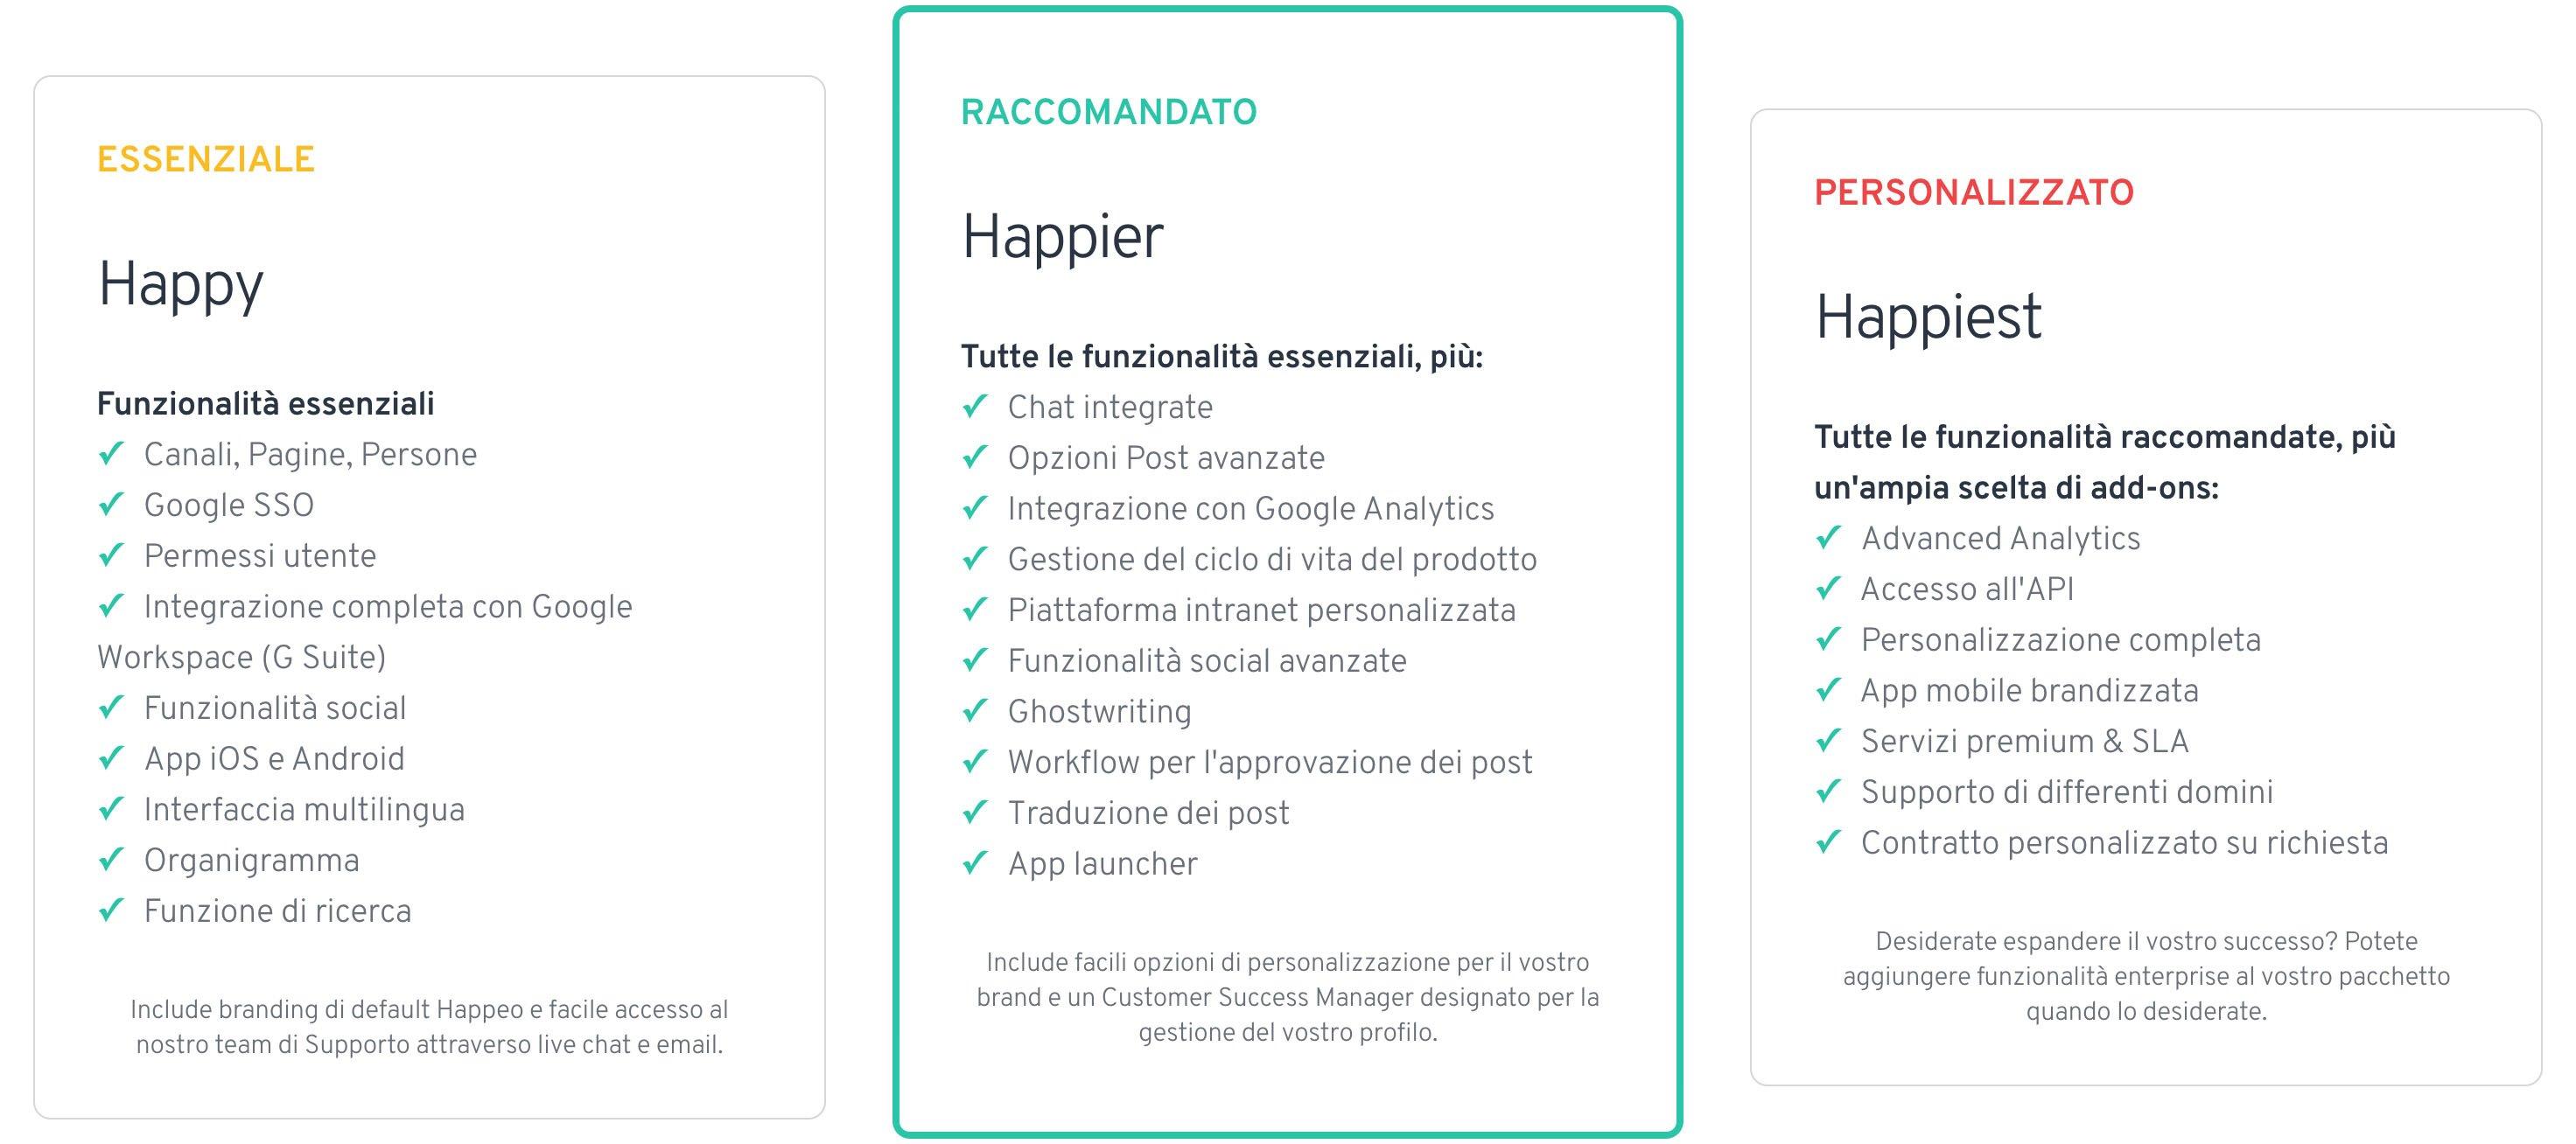 www.happeo.com_it_pacchetti-e-prezzi